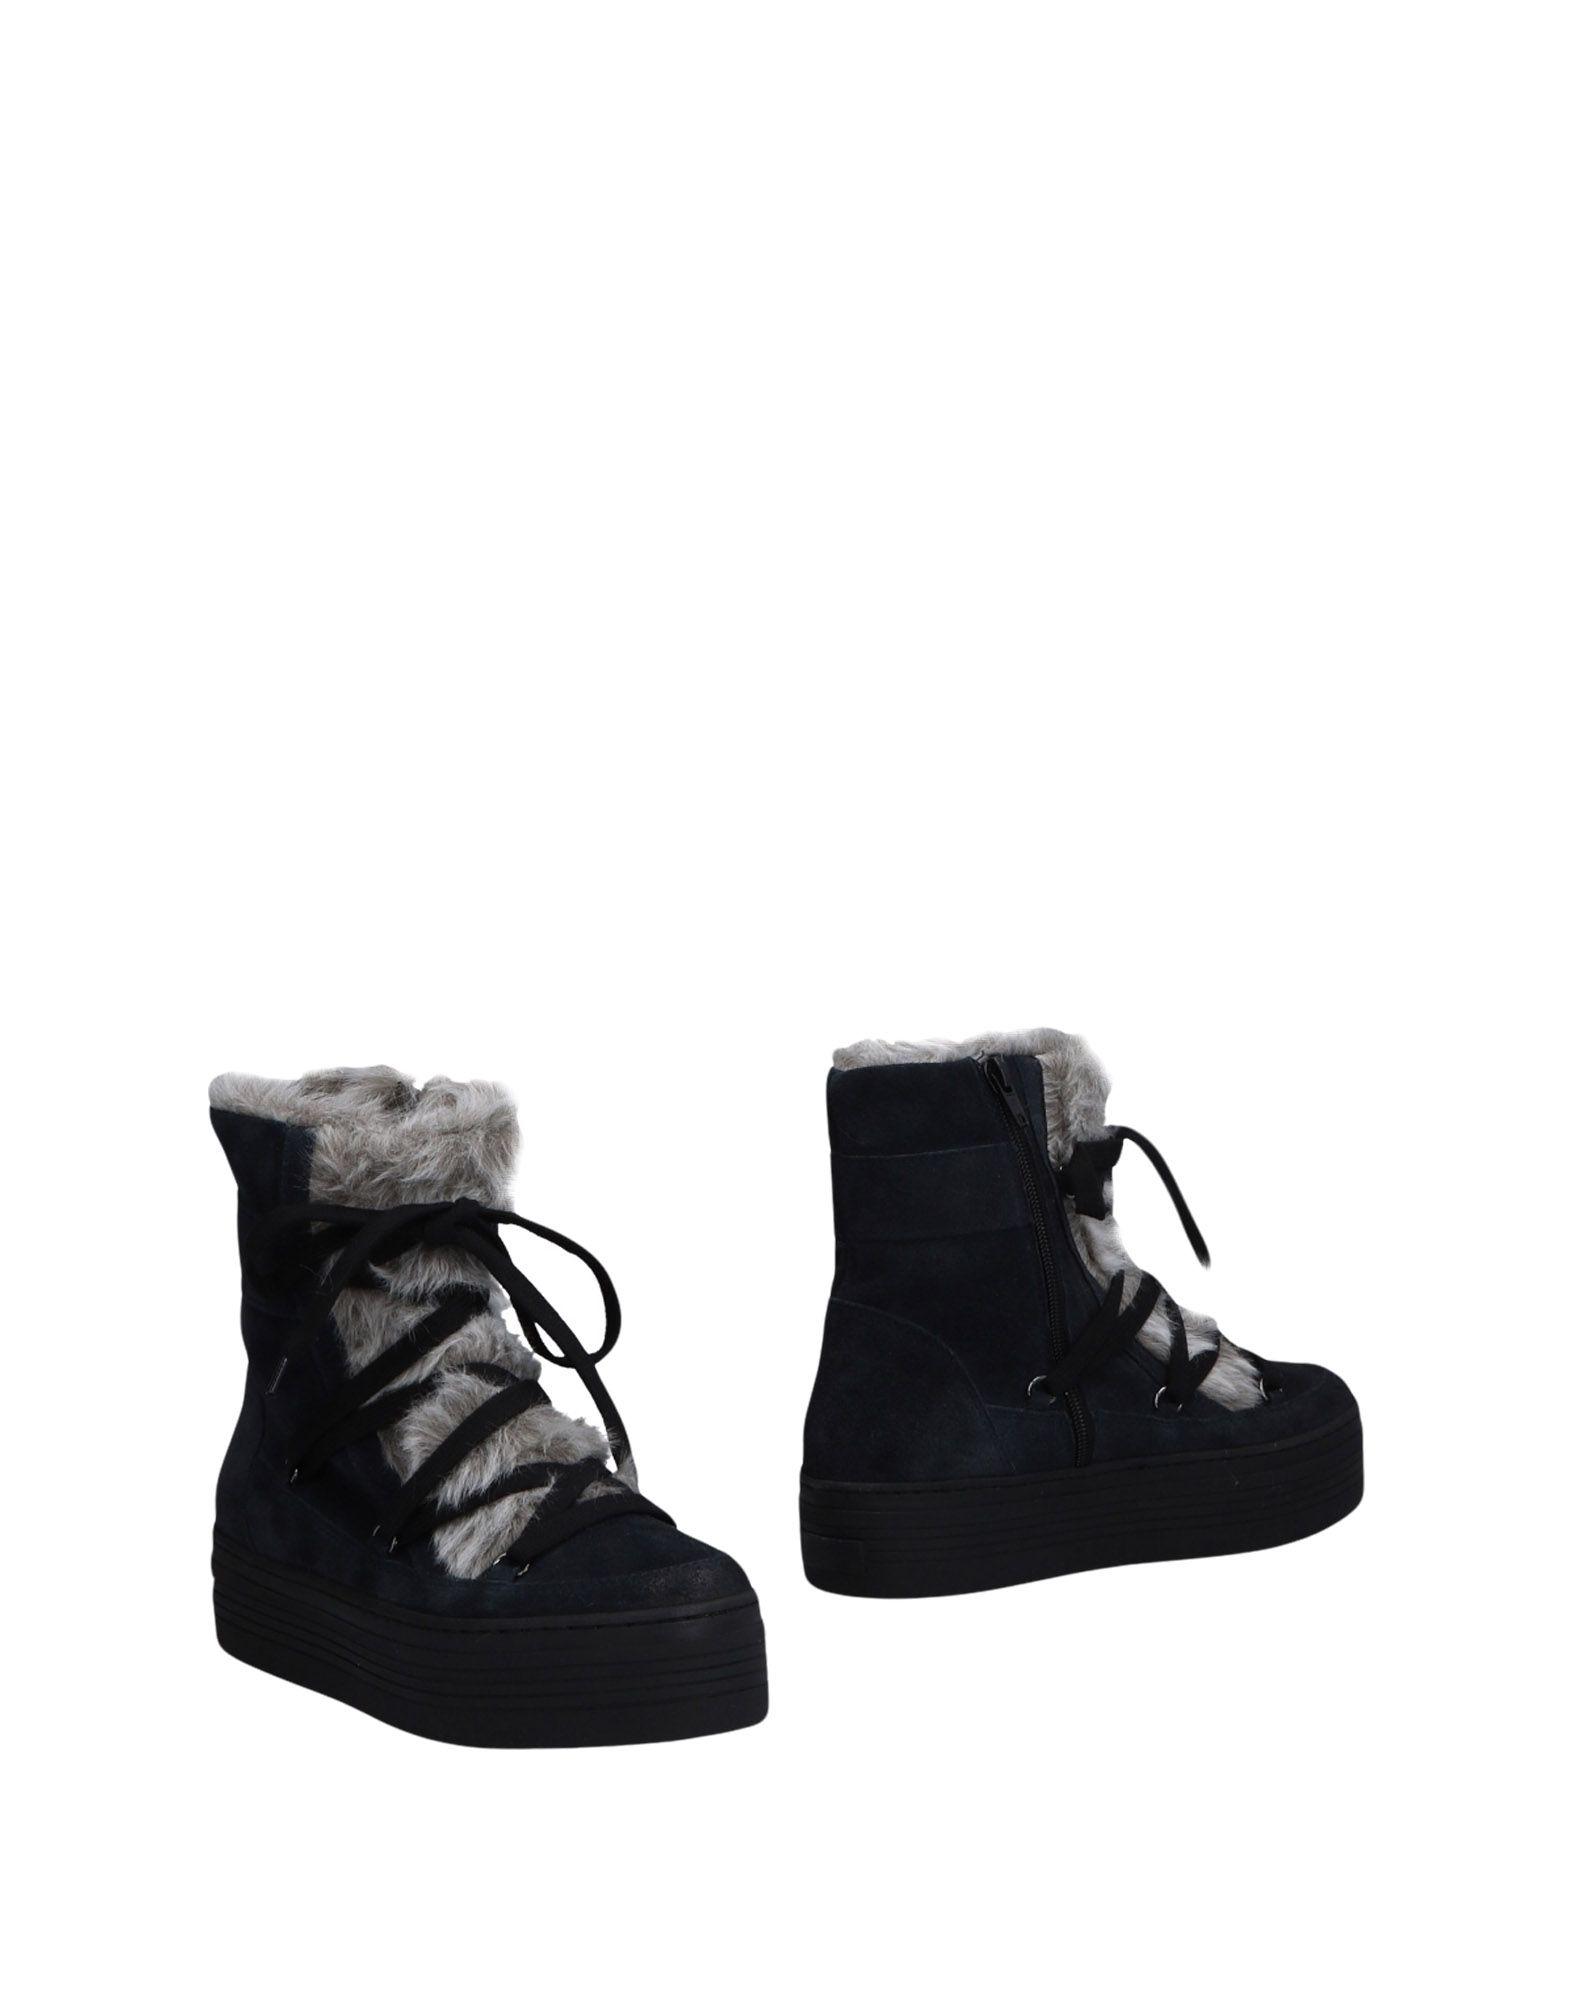 Mally Stiefelette Damen  11473089IL Gute Qualität beliebte Schuhe